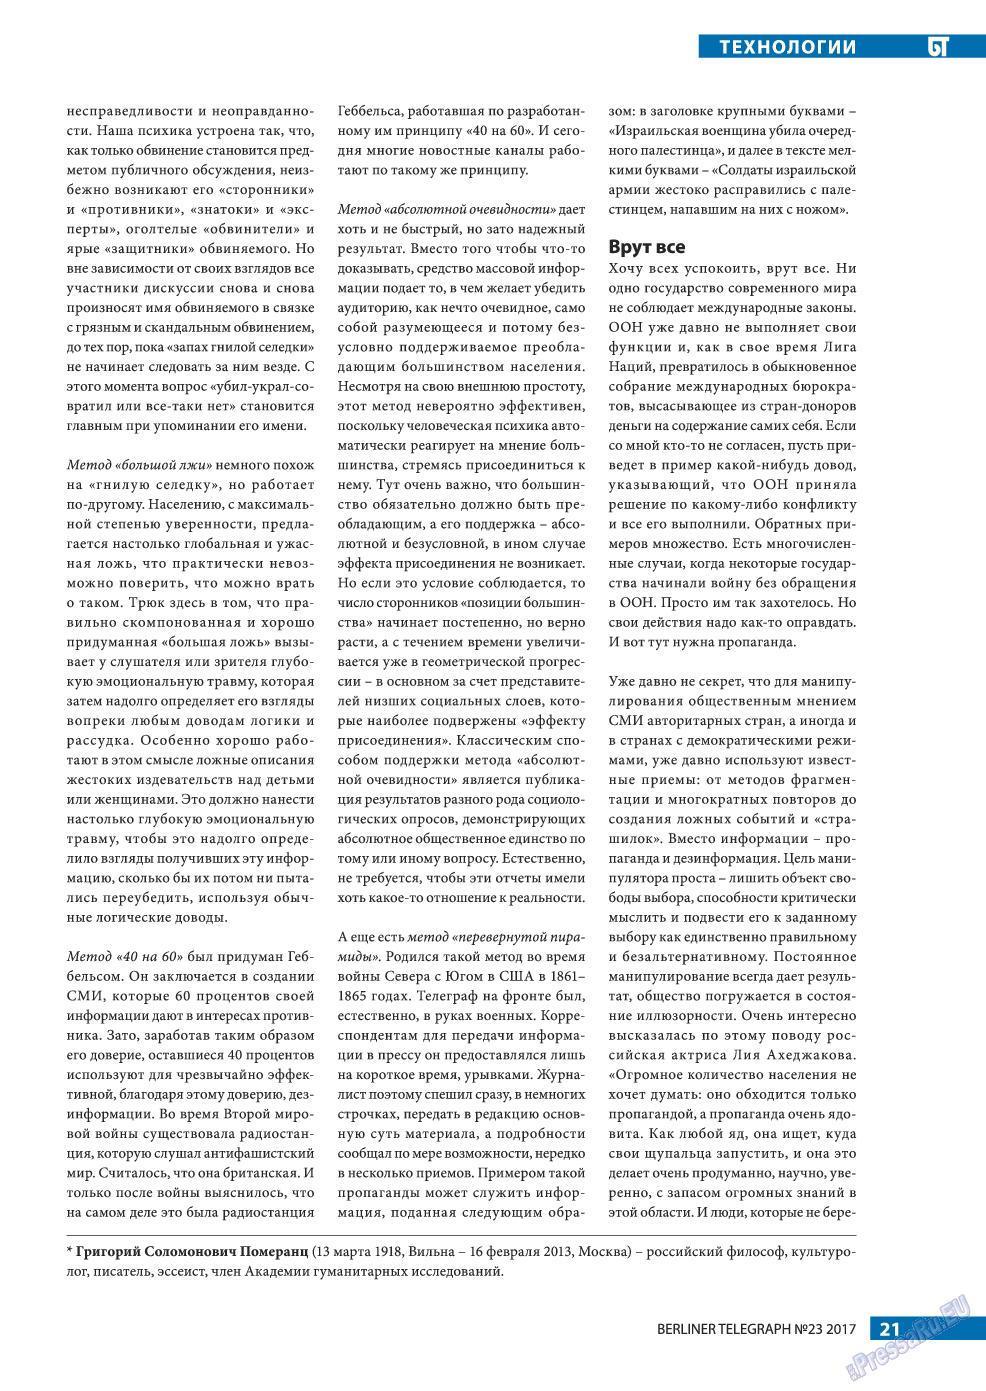 Берлинский телеграф (журнал). 2017 год, номер 23, стр. 21